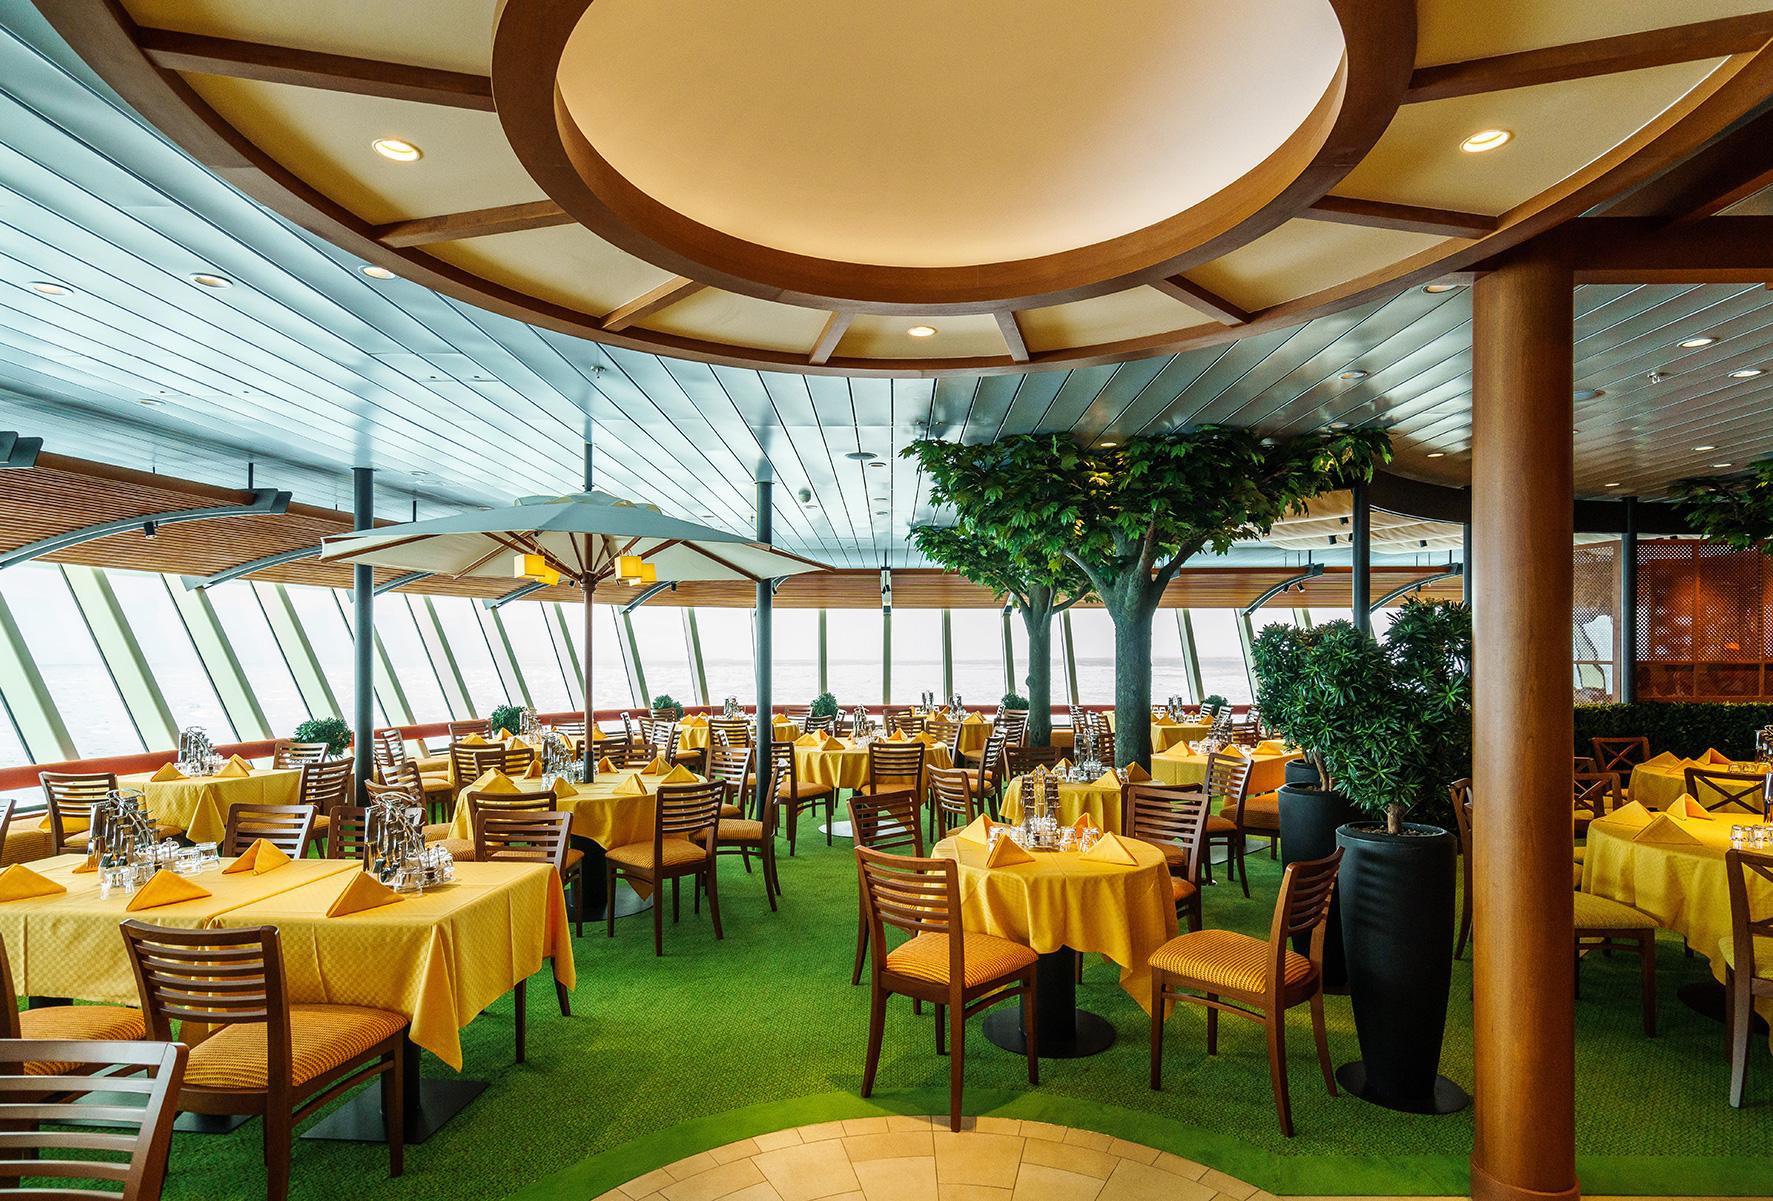 AC_036710_Markt_Restaurant